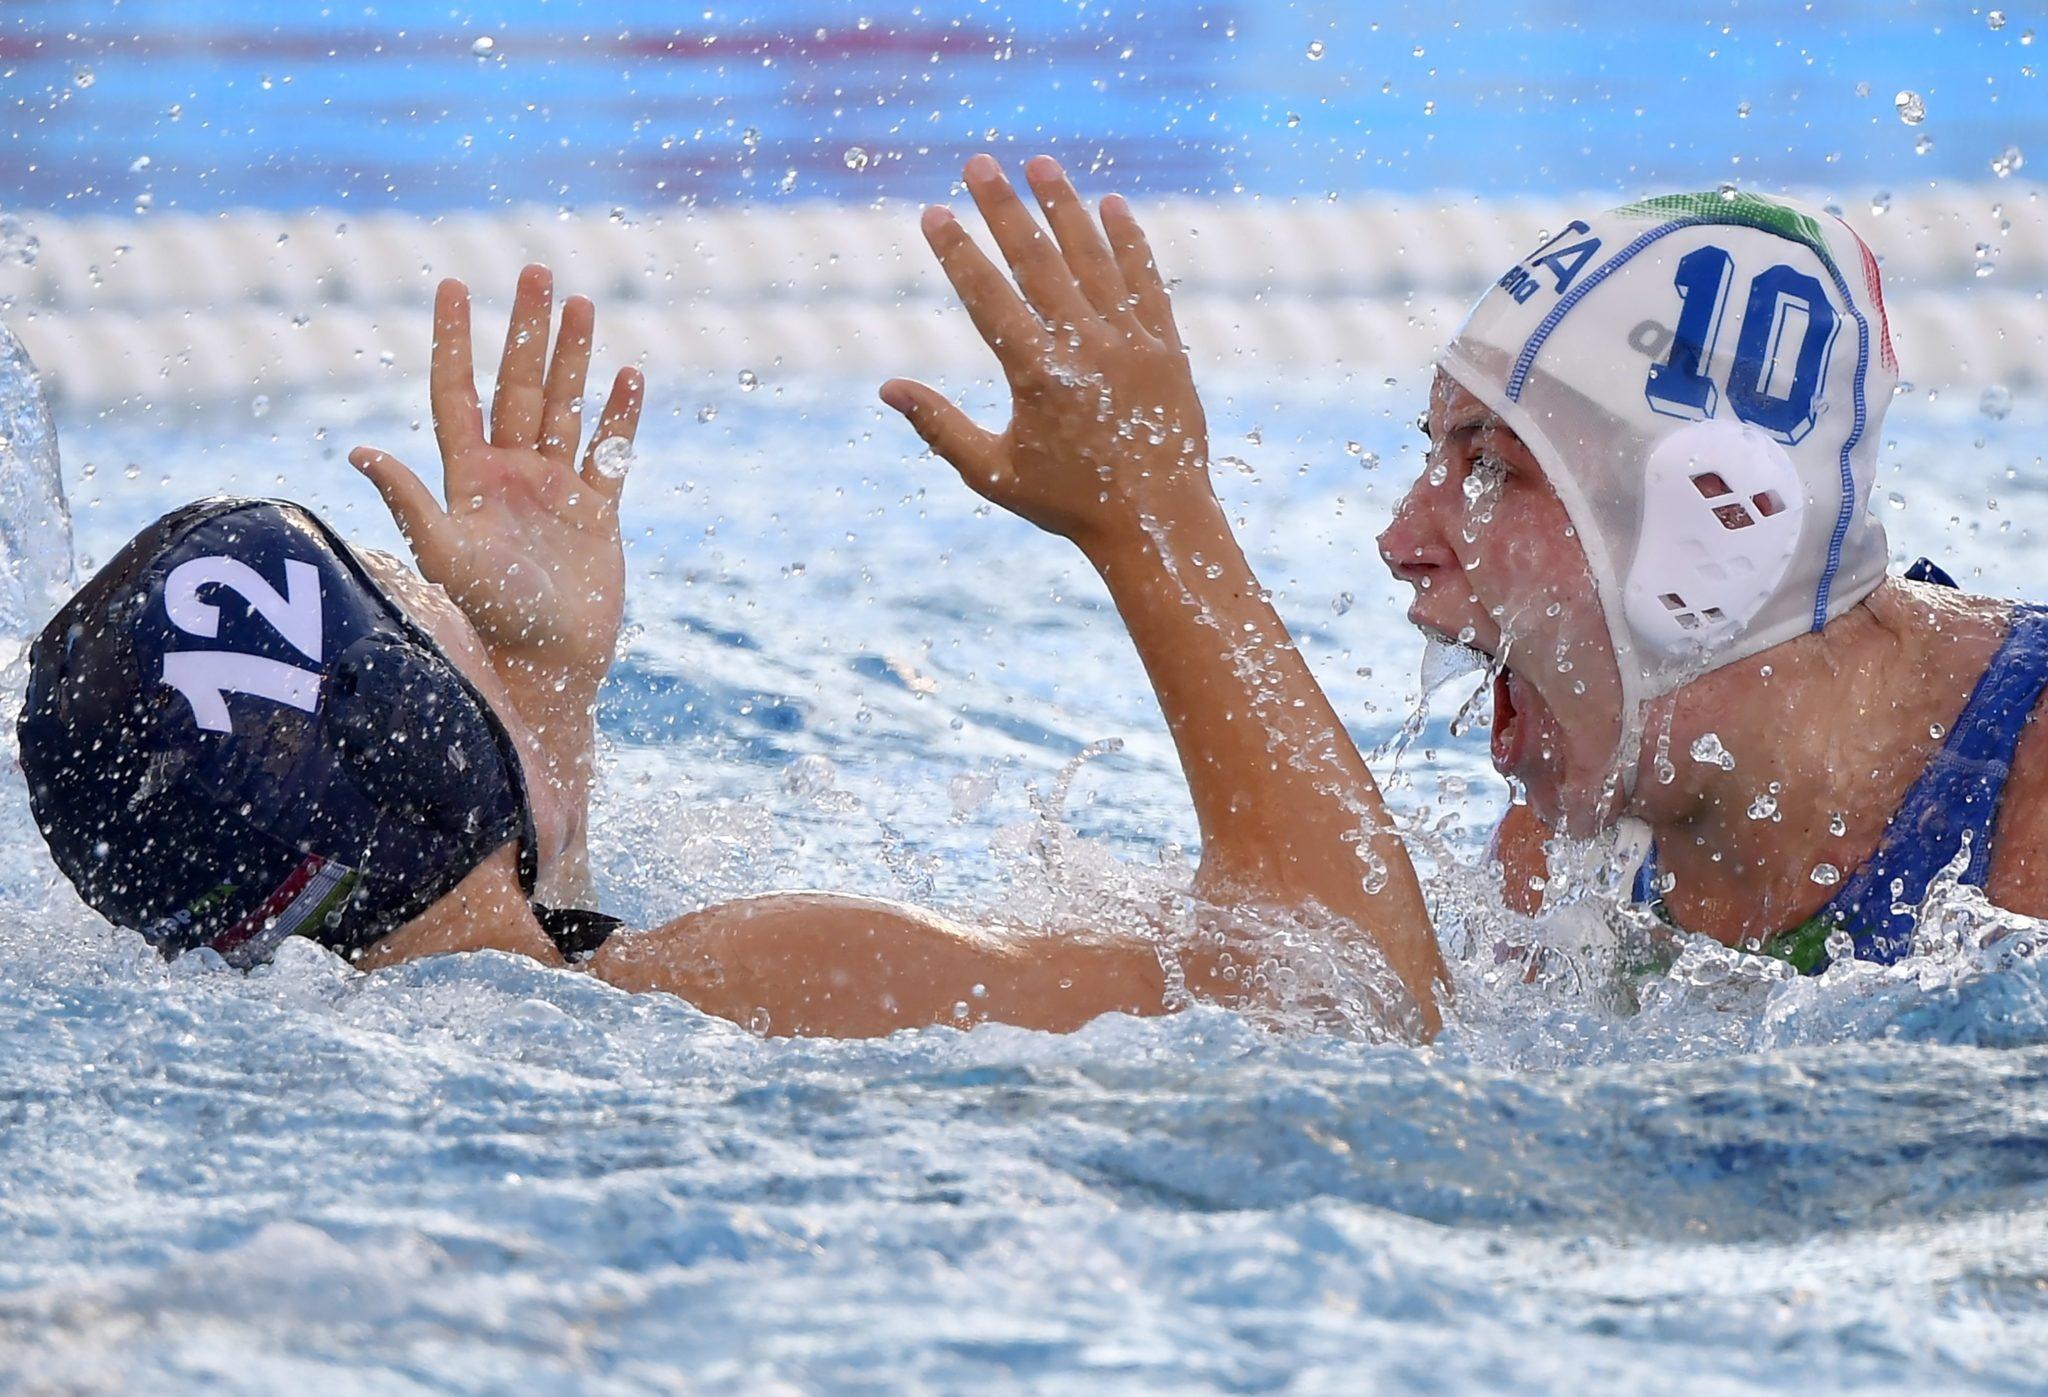 Mistrzostwa Europy w piłce wodnej. Roberta Bianconi z Włoch i Greta Gurisatti (Węgry) walczą o piłkę podczas meczu reprezentacji Węgier z Włochami w ćwierćfinałach w Barcelonie. Węgry wygrał 10:9, fot. Tibor Illyes, PAP/EPA